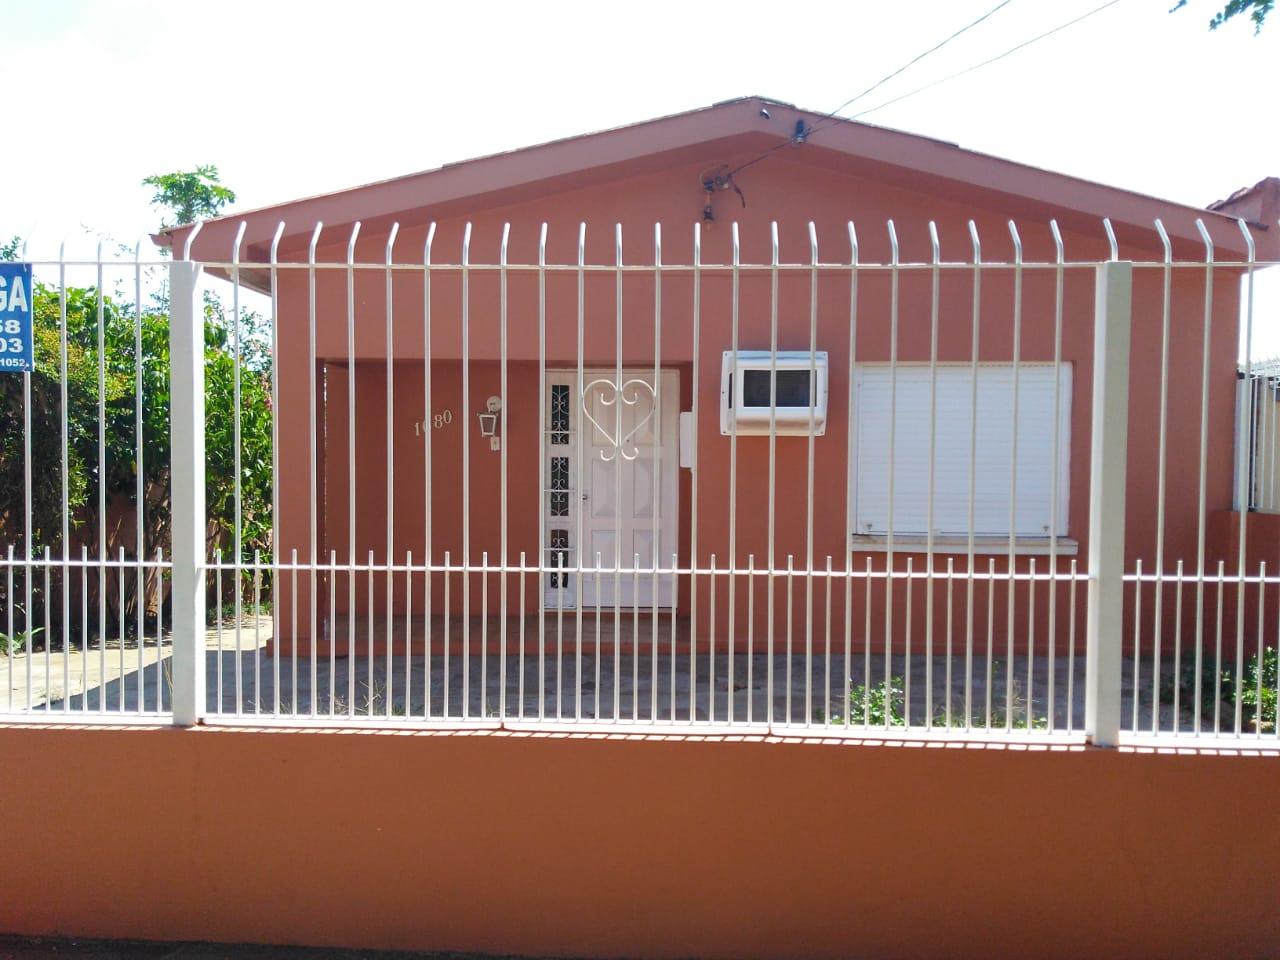 Venda – Barcelos – 3 dormitórios